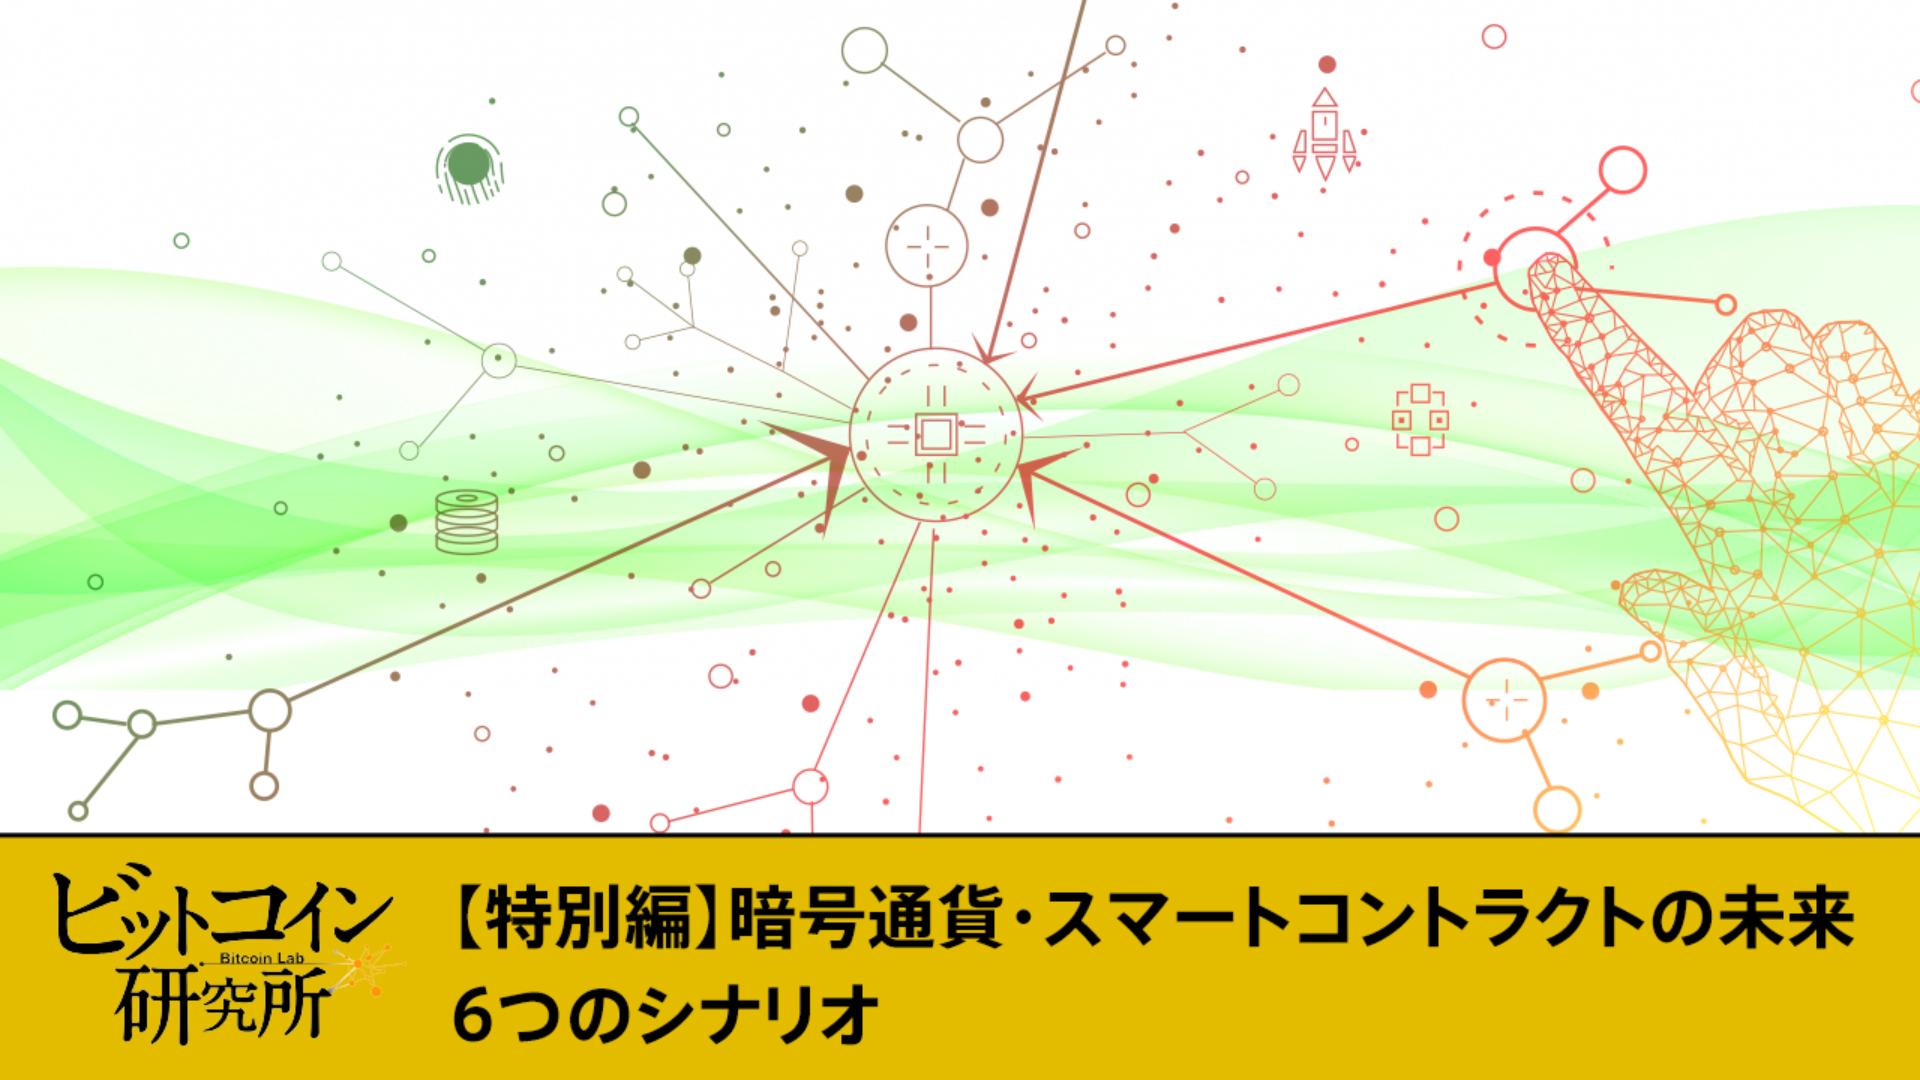 【特別編 No.116】暗号通貨・スマートコントラクトの未来